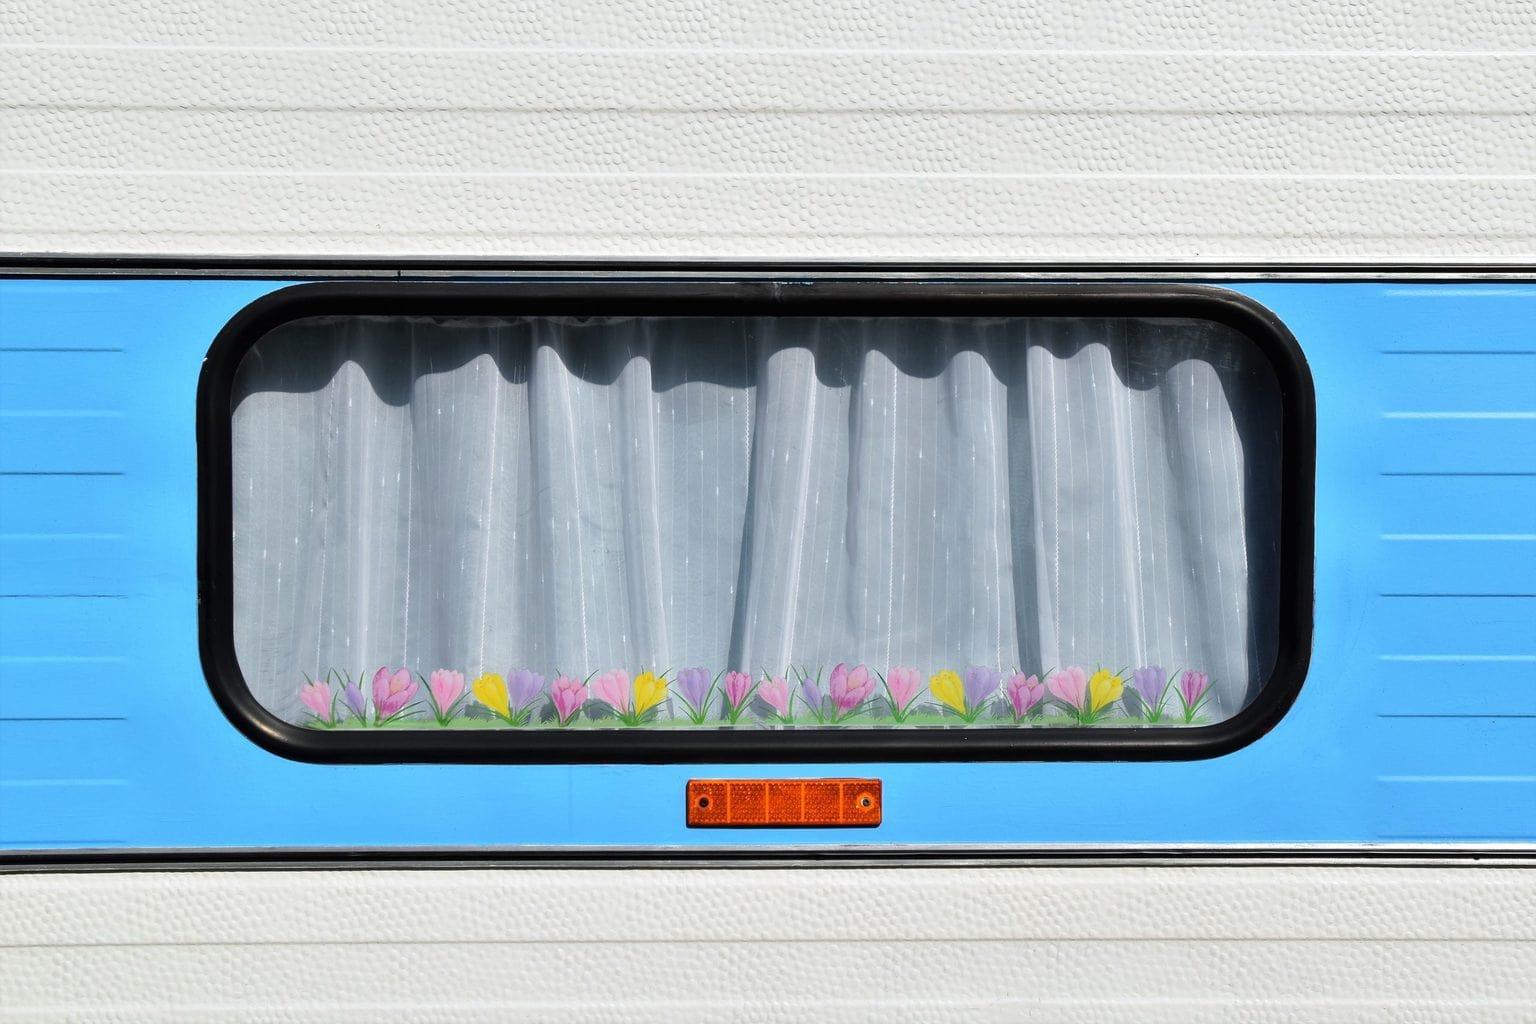 De ruit van een woonwagen of campervan met gesloten gordijn, de leukste Duitse camping aan het water